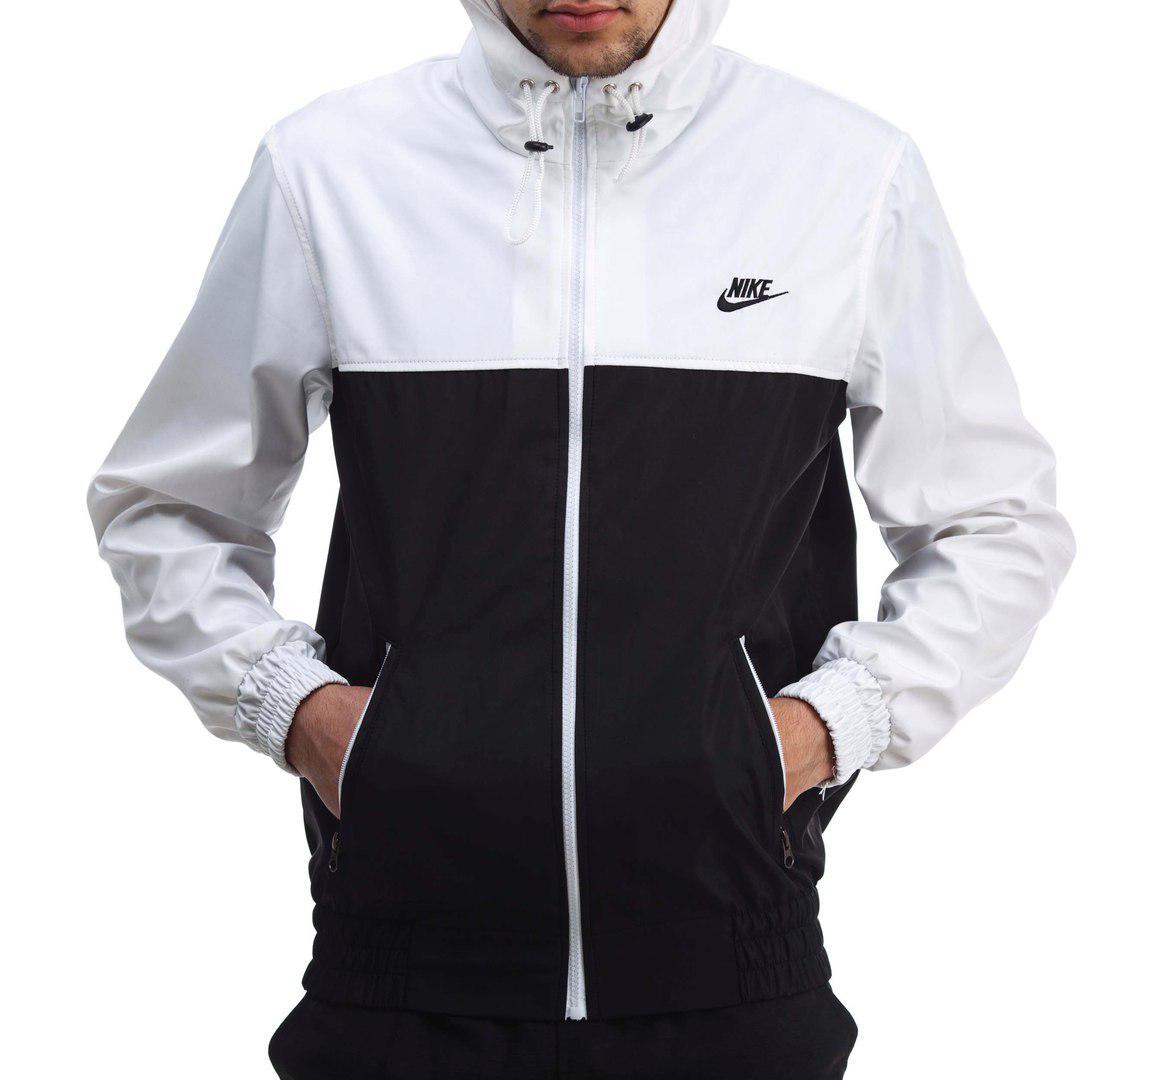 275cc5ee Ветровка куртка мужская Nike бело-черная (реплика) - купить по ...